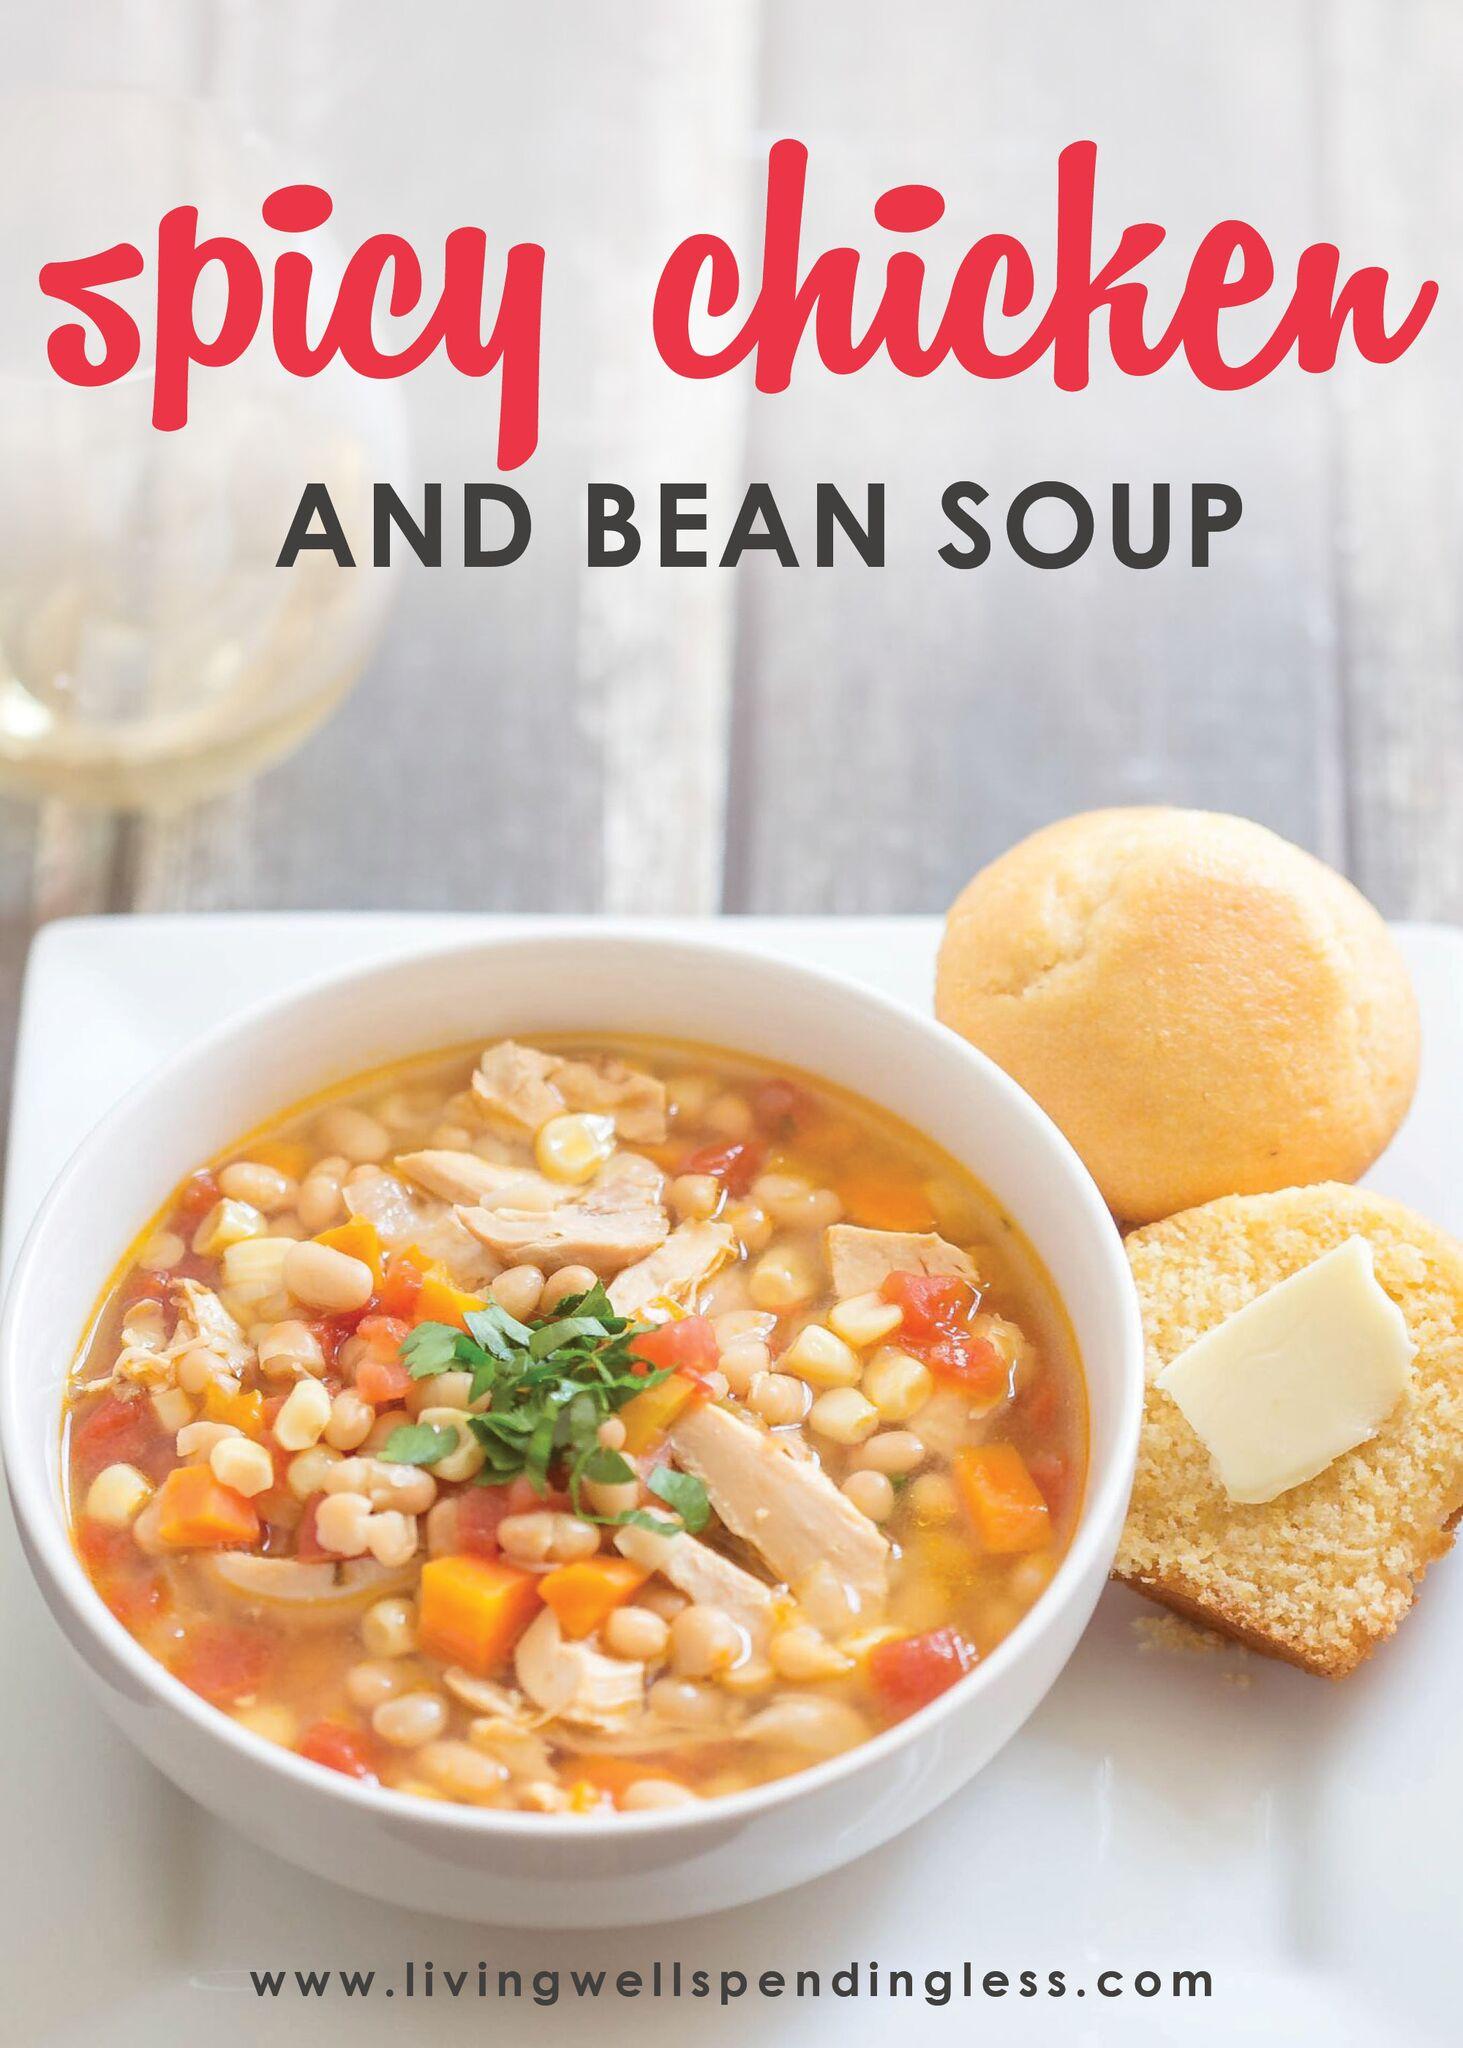 Spicy Chicken & Bean Soup